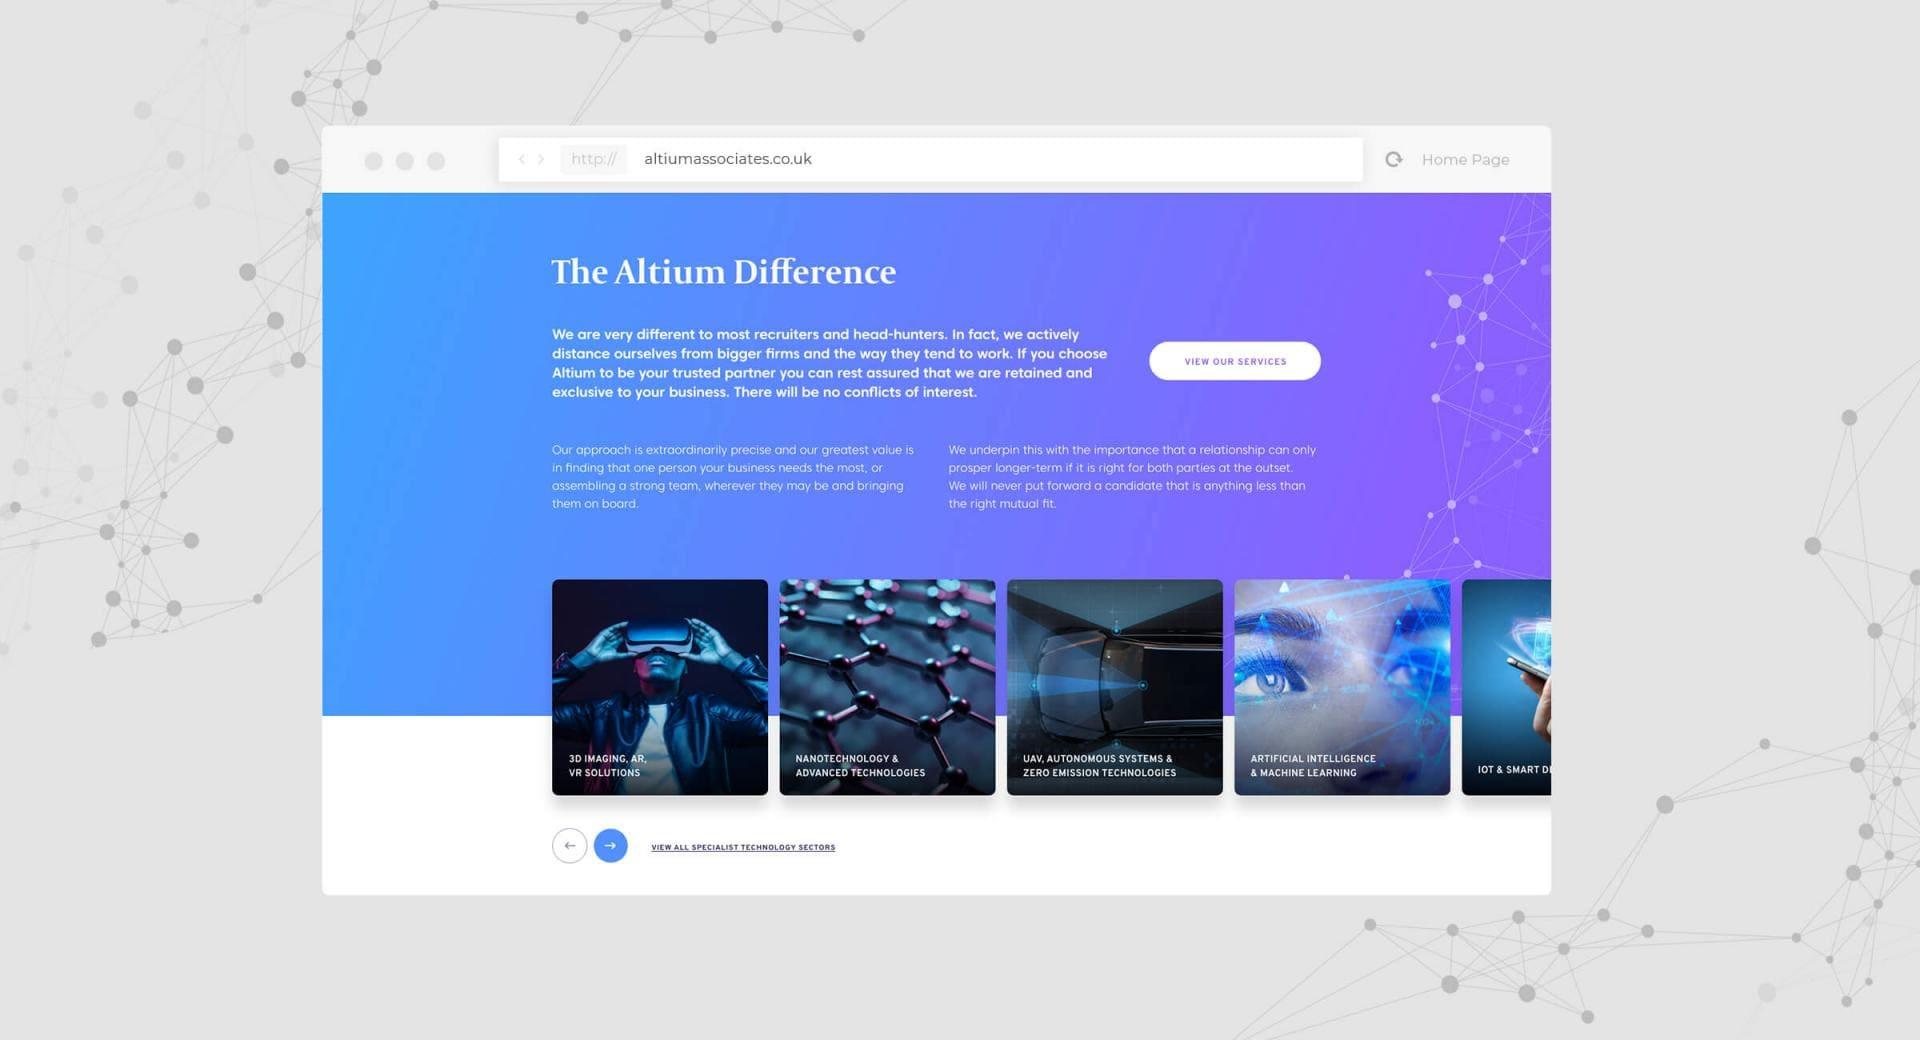 Altium Associates Website - The Altium Different Screenshot